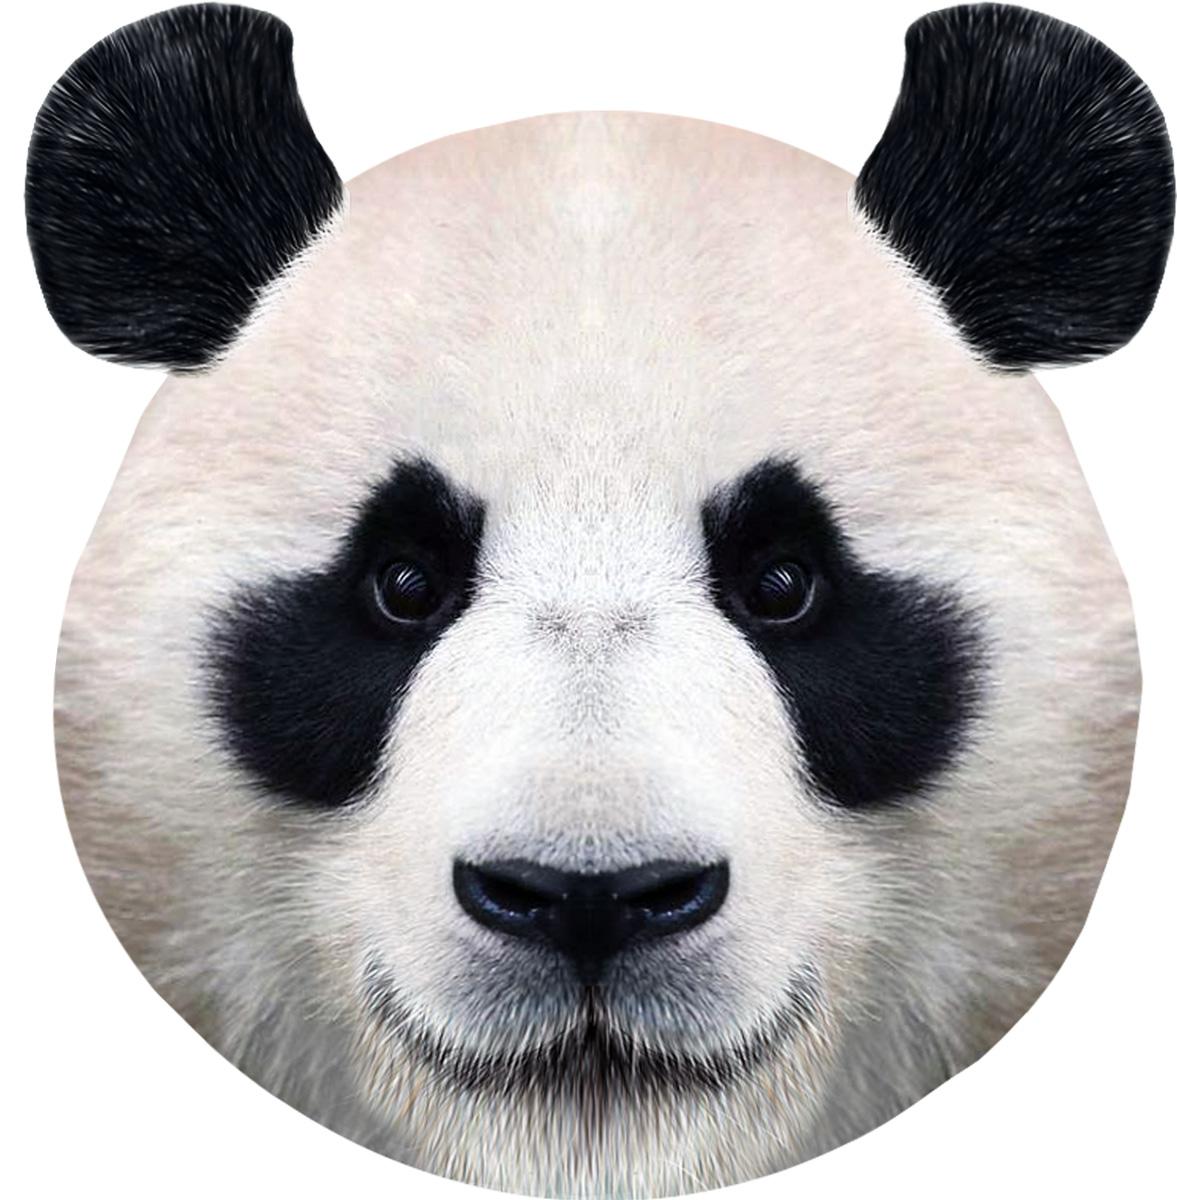 Подушка декоративная GiftnHome Панда, 35 х 37 смPLW- FACE PandaПодушка декоративная GiftnHome Панда прекрасно дополнит интерьер спальни или гостиной. Чехол подушки выполнен из атласа (искусственный шелк) и оформлен изысканным орнаментом. В качестве наполнителя используется мягкий холлофайбер. Чехол снабжен потайной застежкой-молнией, благодаря чему его легко можно снять и постирать. Красивая подушка создаст атмосферу уюта в доме и станет прекрасным элементом декора.